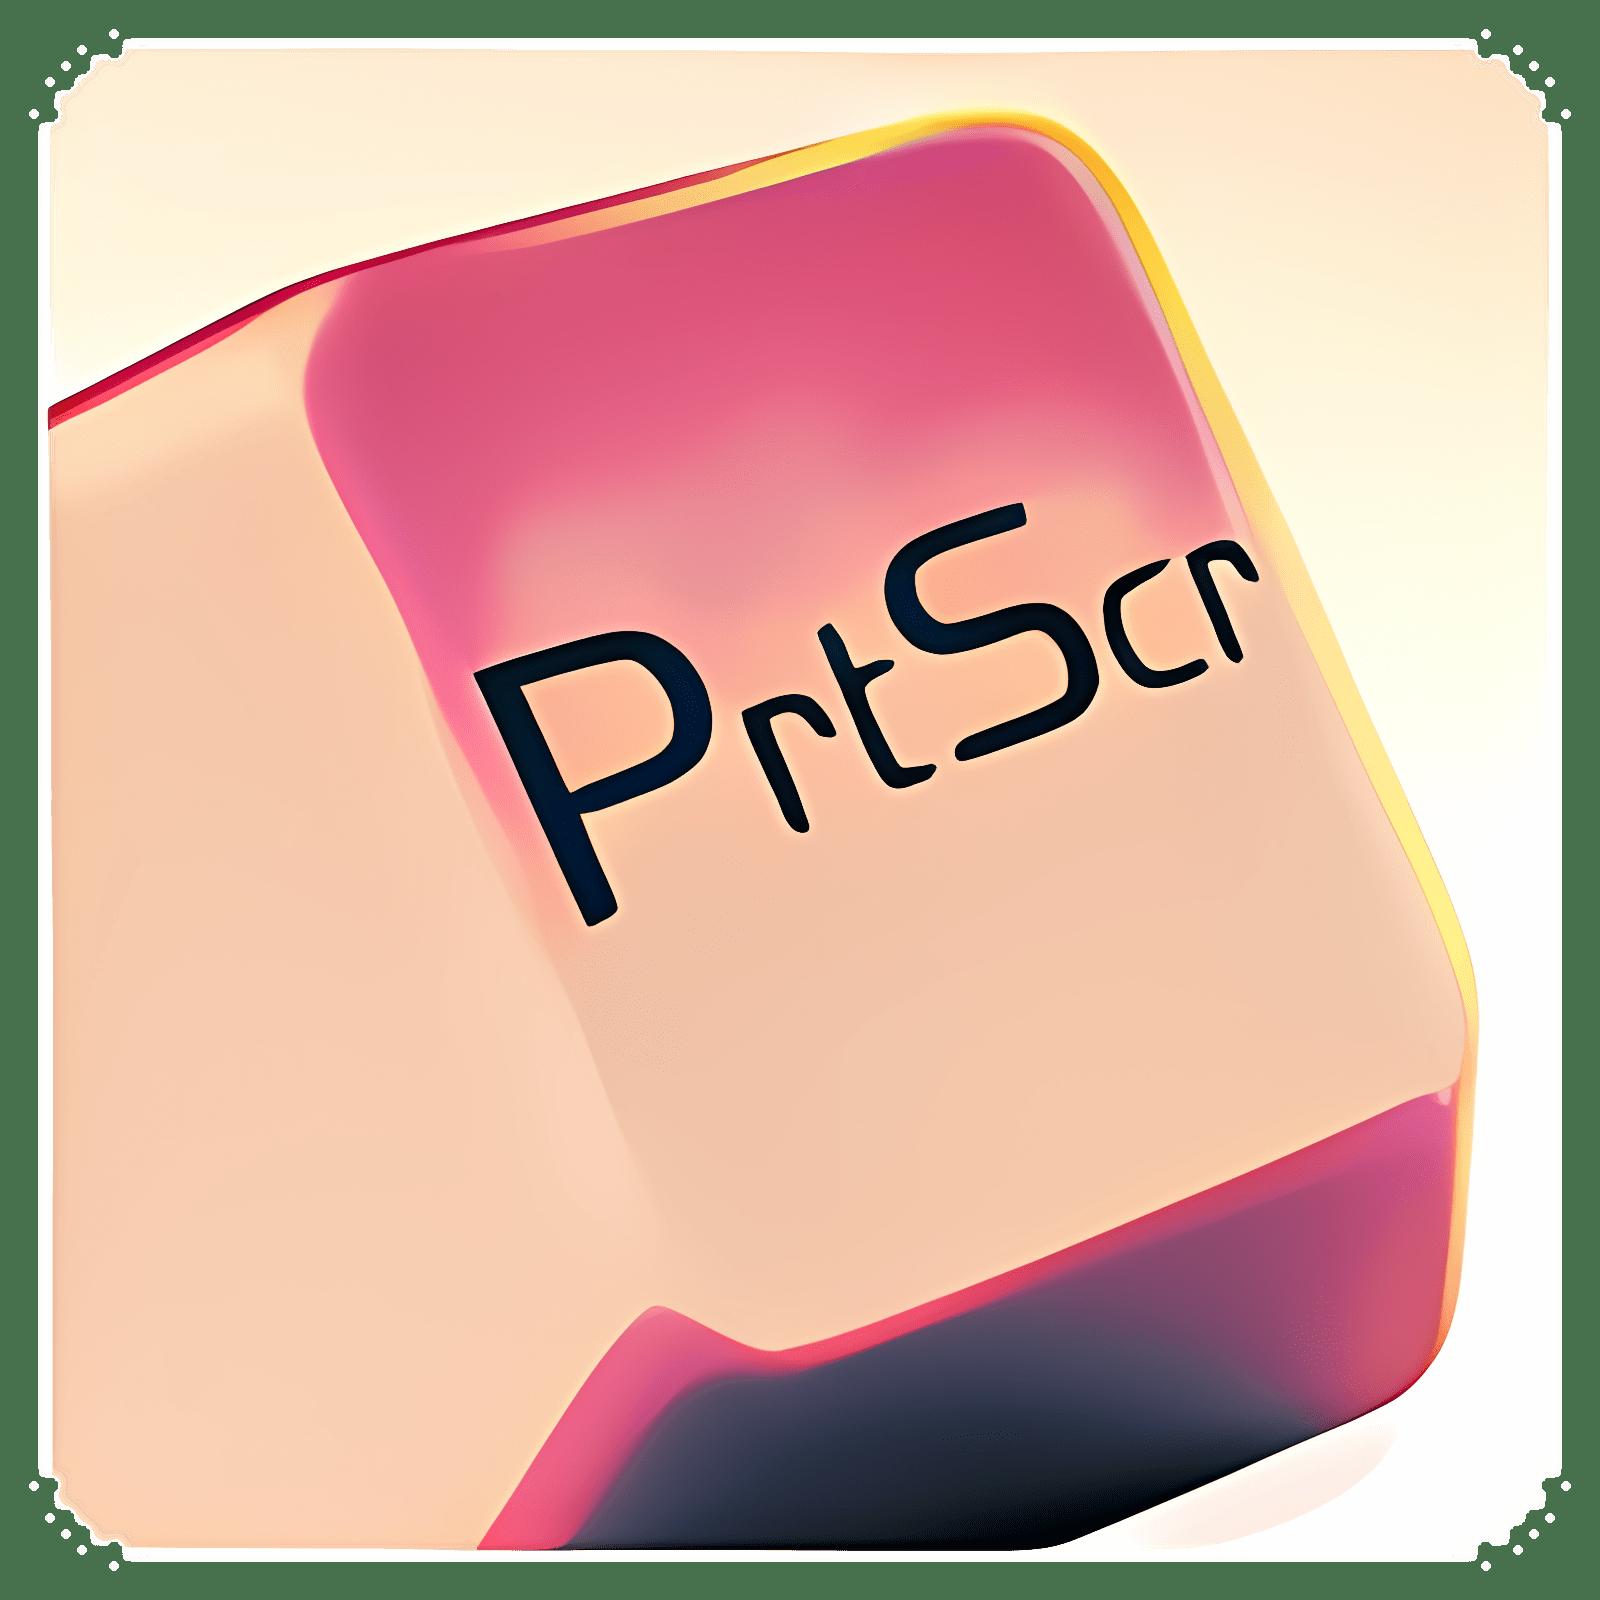 PrtScr